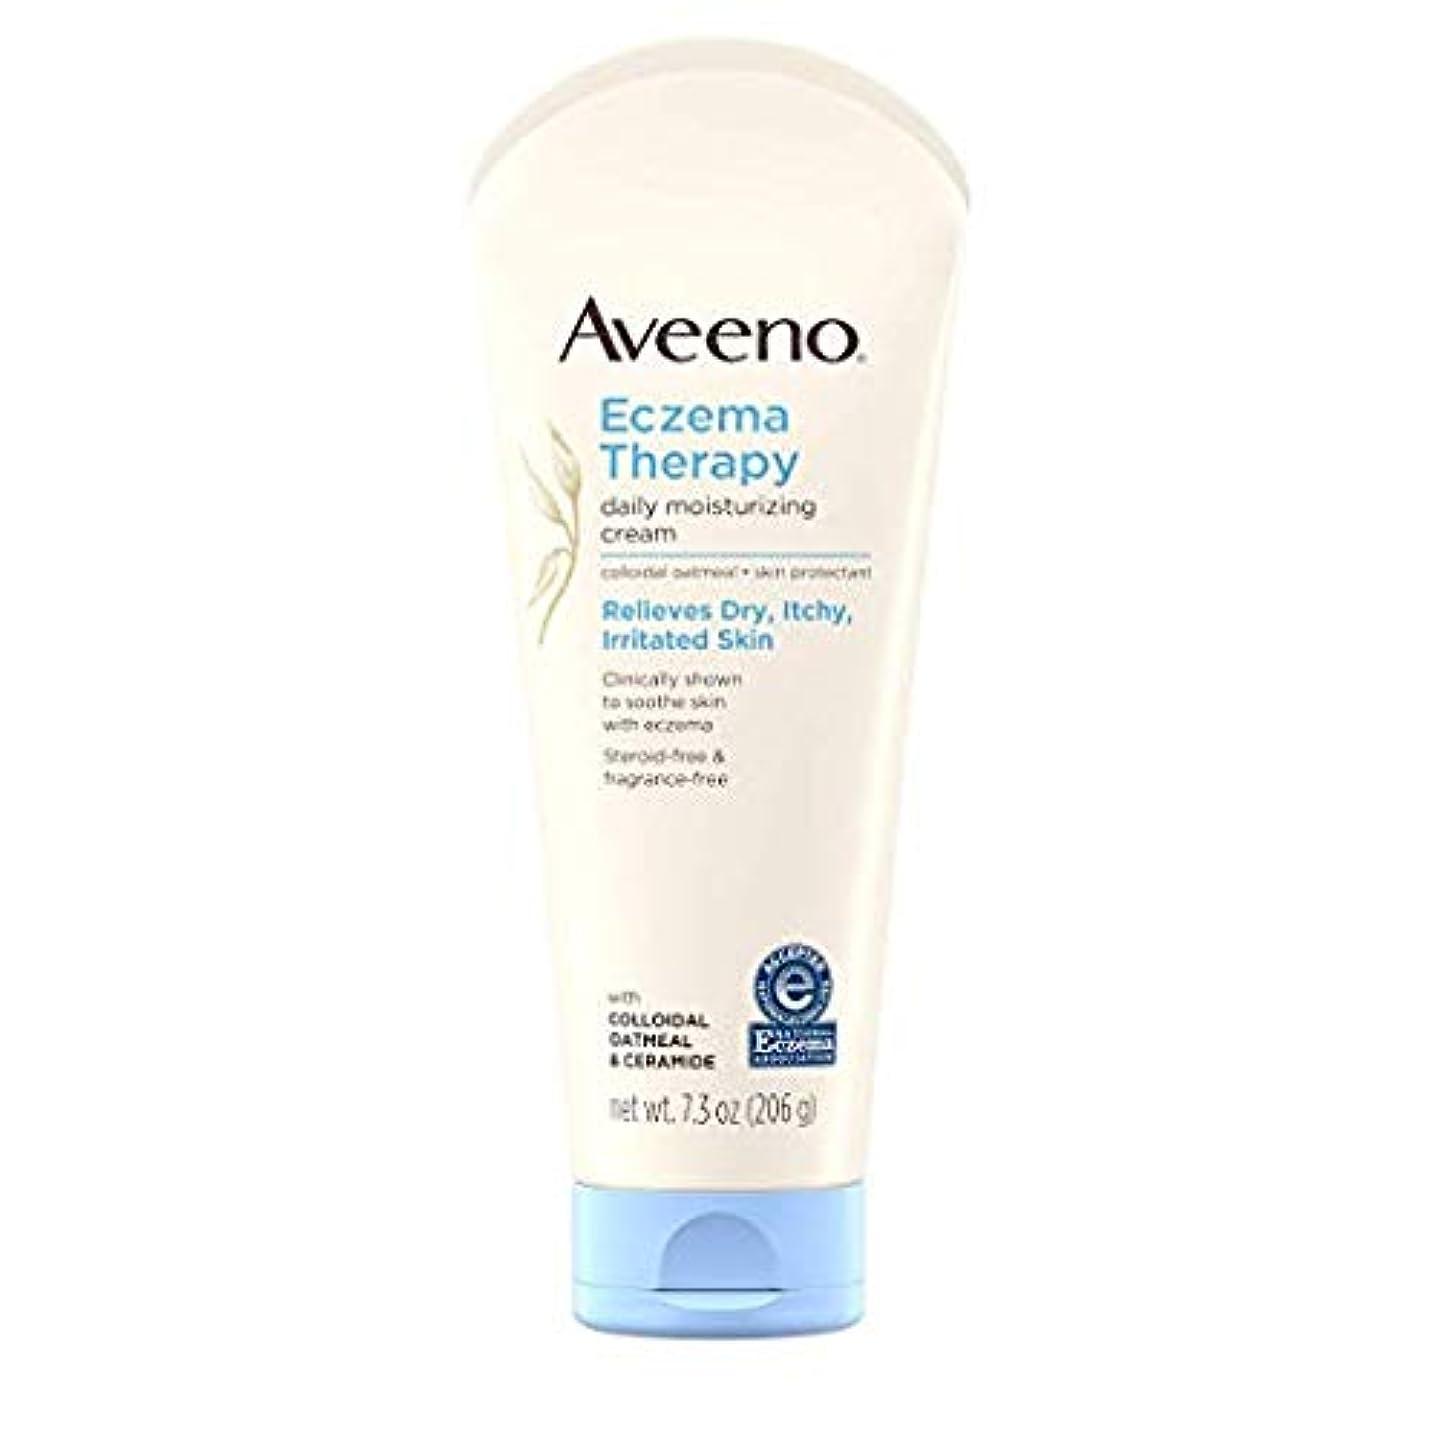 レイ感覚興奮するAveeno - Eczema Therapy Moisturizing Cream - 7.3 oz (206 g) アビーノ 保湿クリーム [並行輸入品]